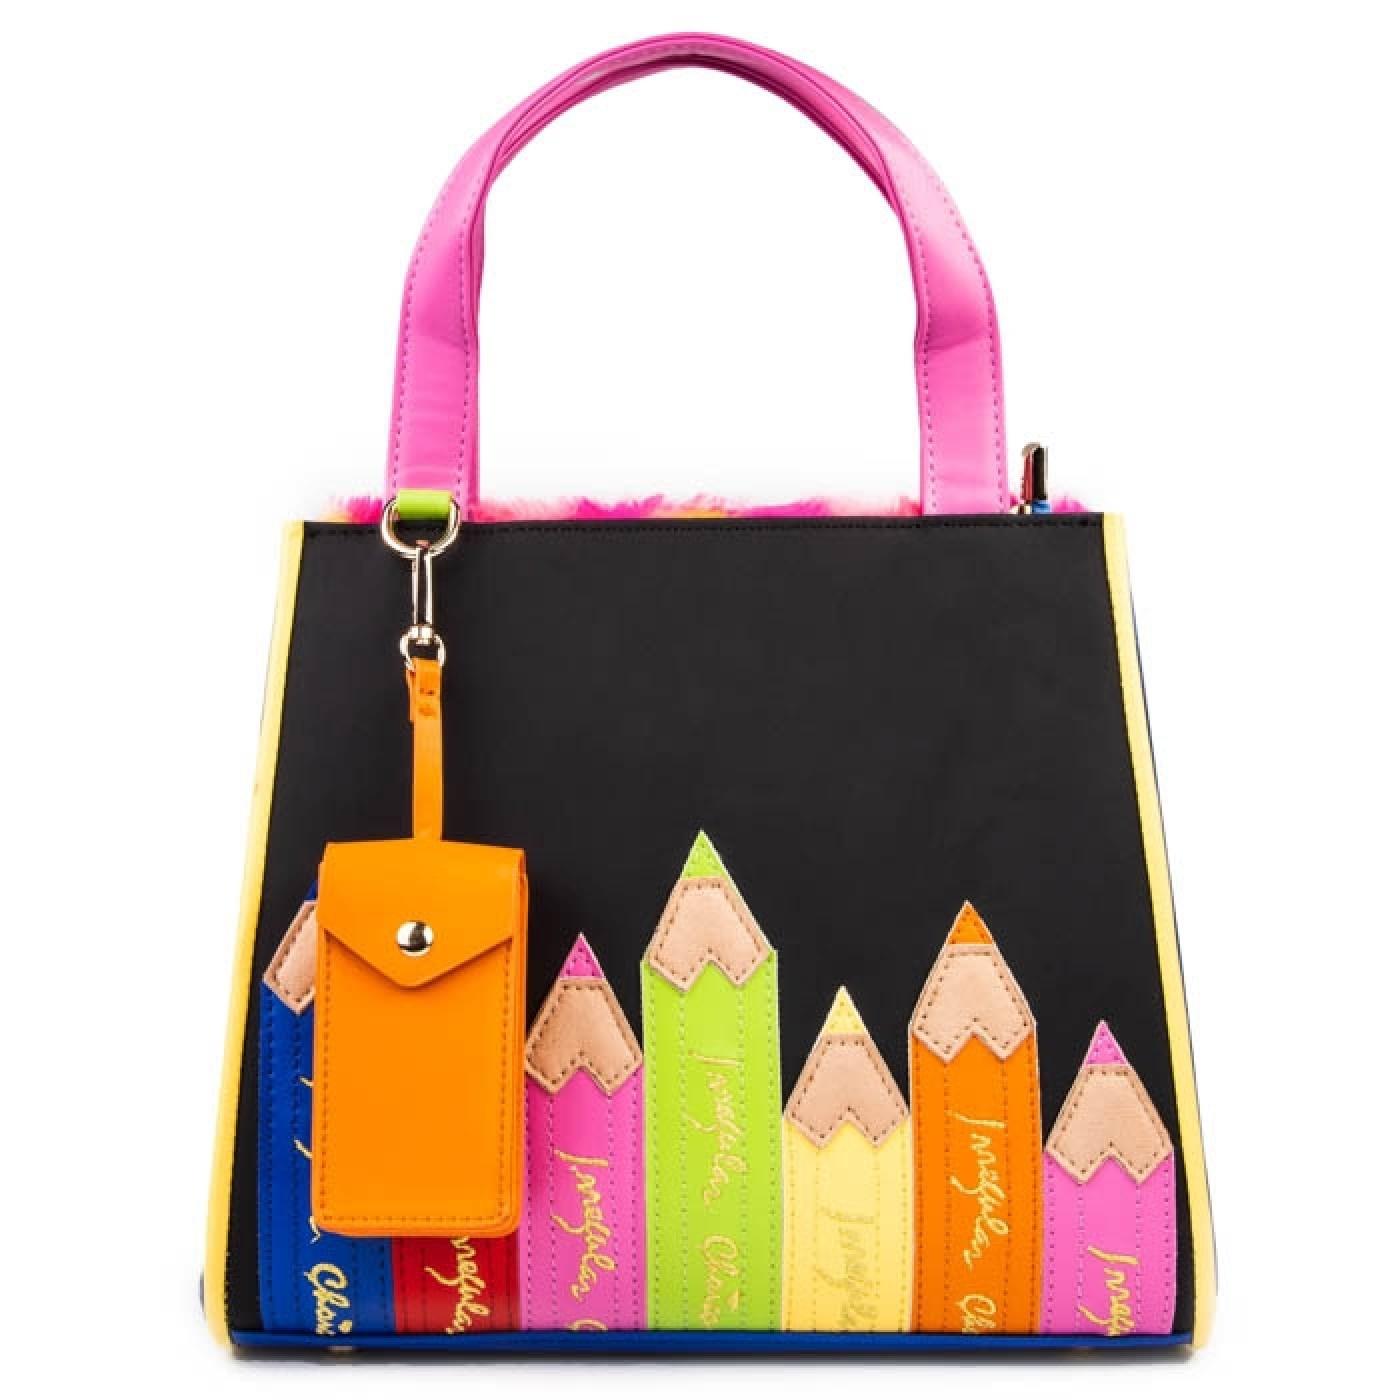 Pencil Me In Bag